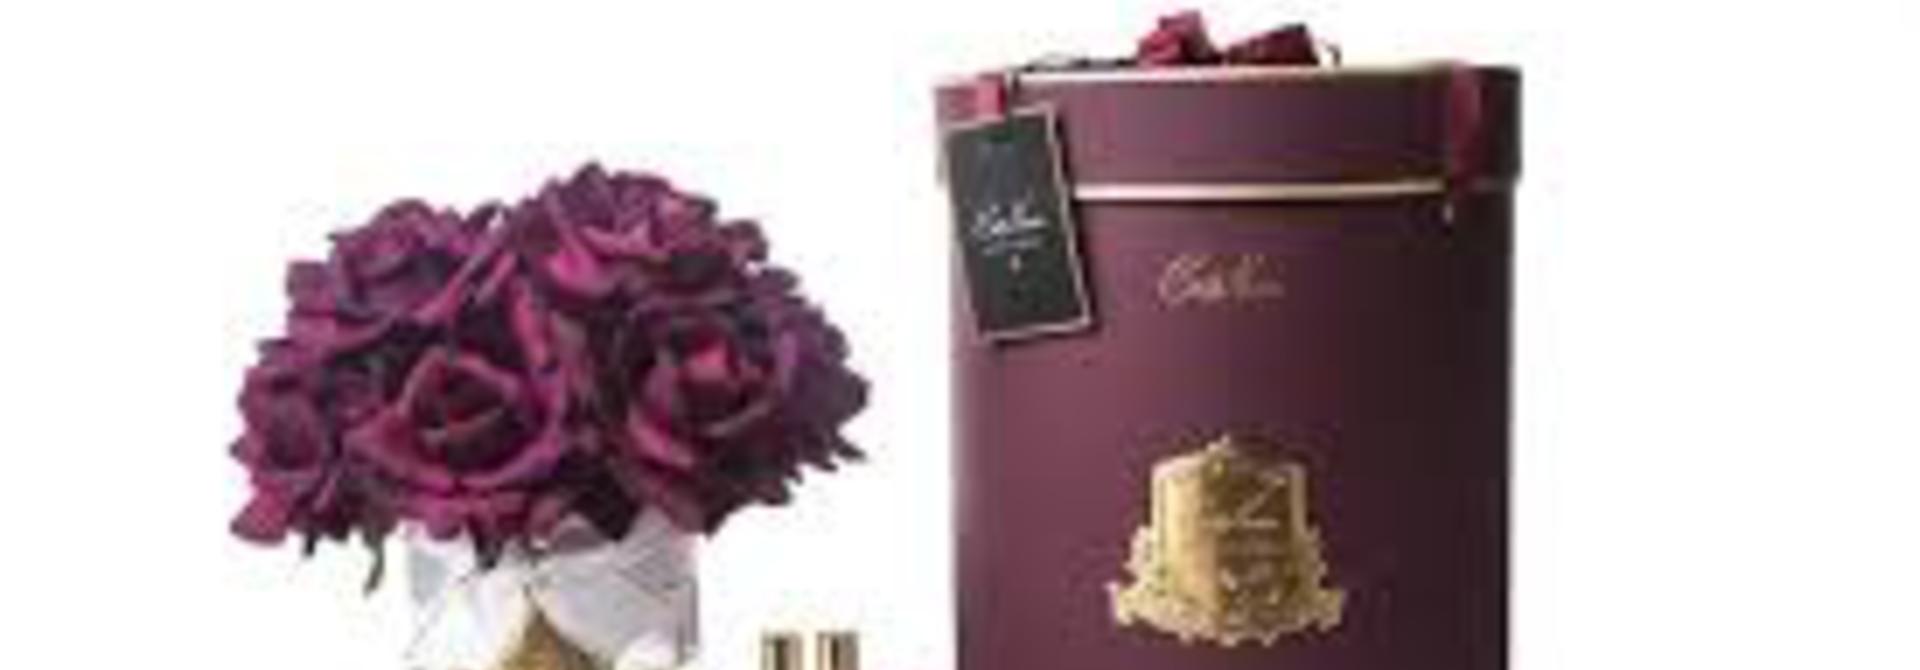 COTE NOIRE - Large Bouquet Carmine Roses in Clear Vase